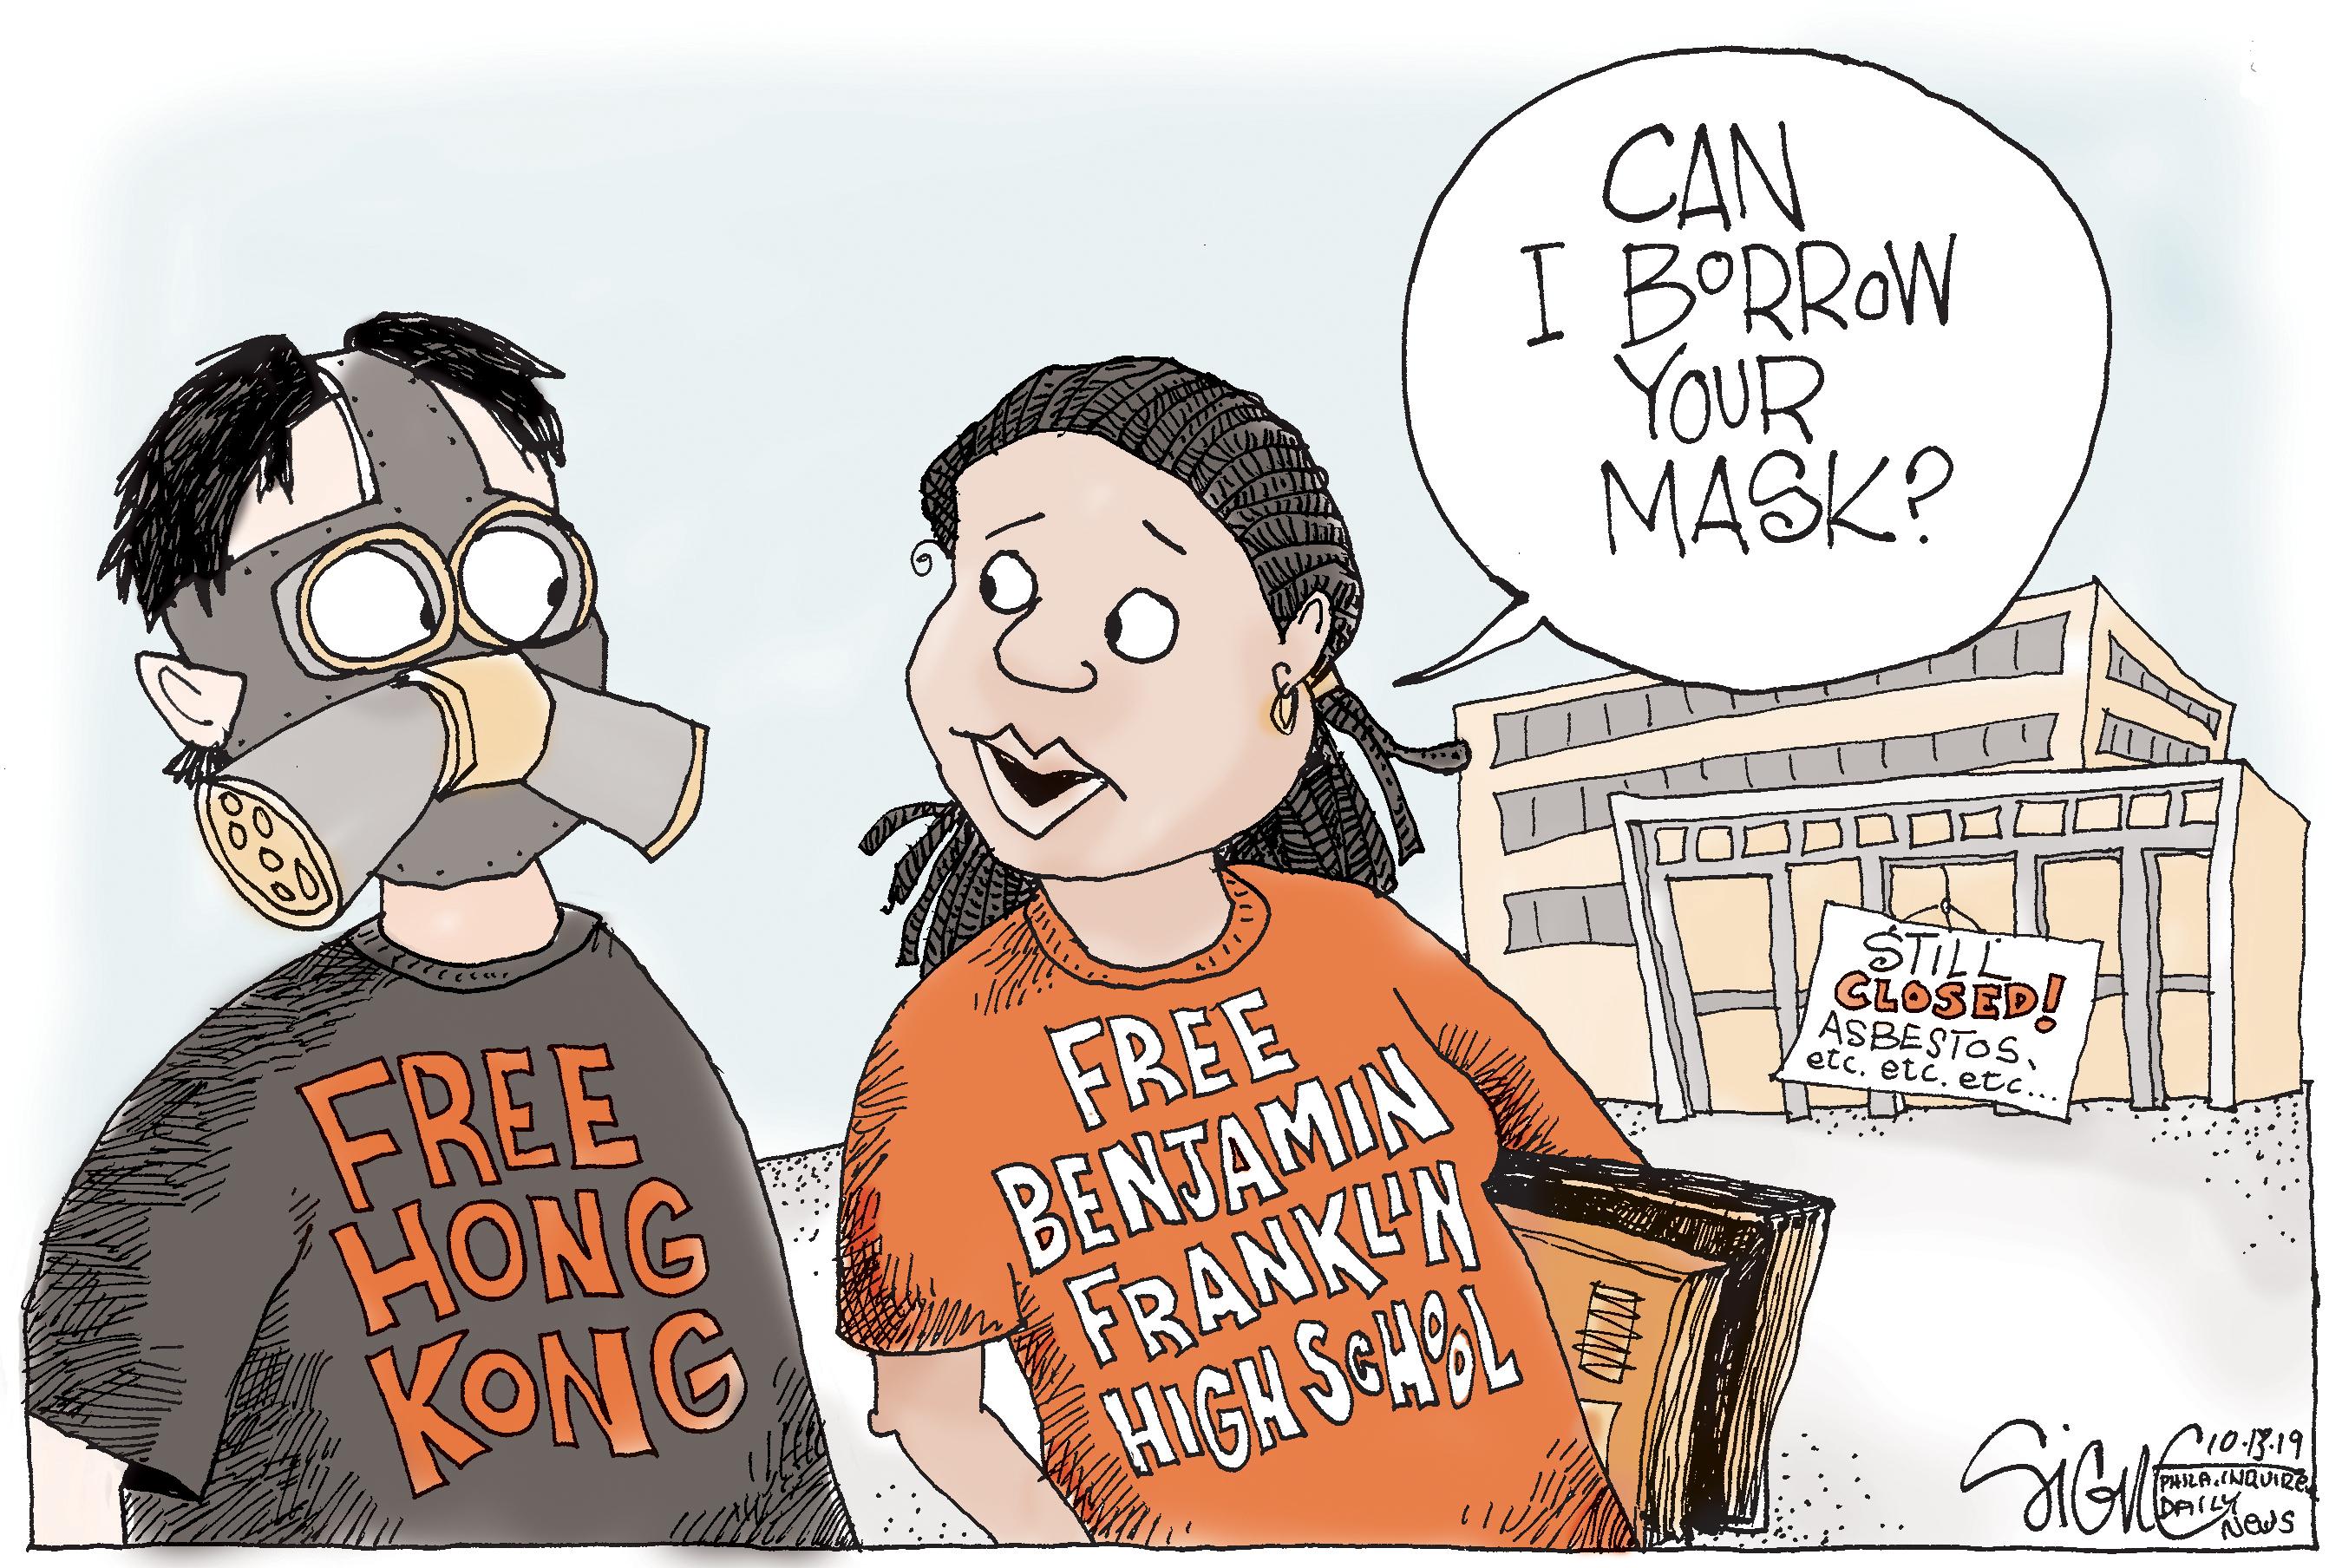 Political Cartoon Benjamin Franklin High School Still Closed